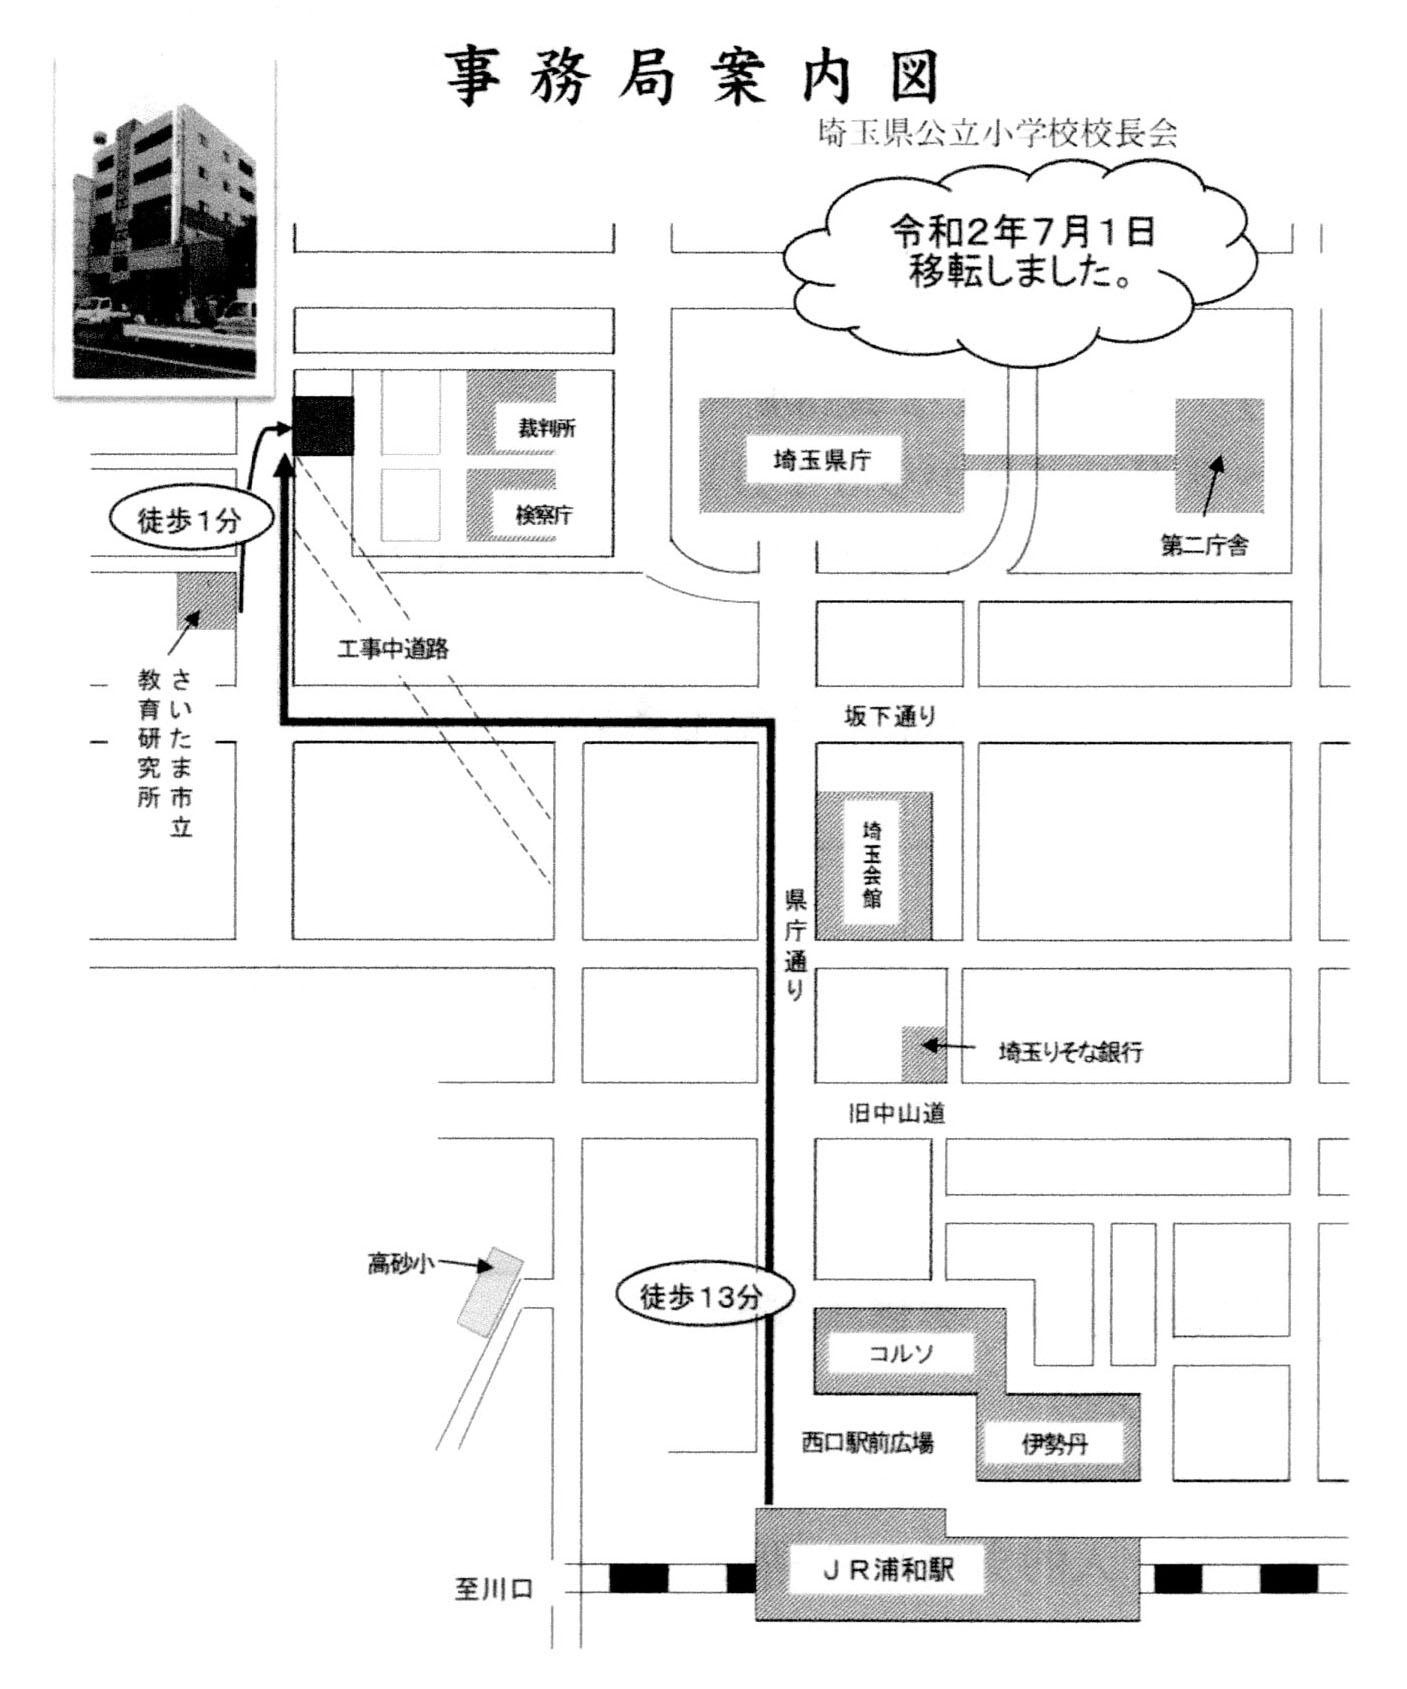 2020_map2